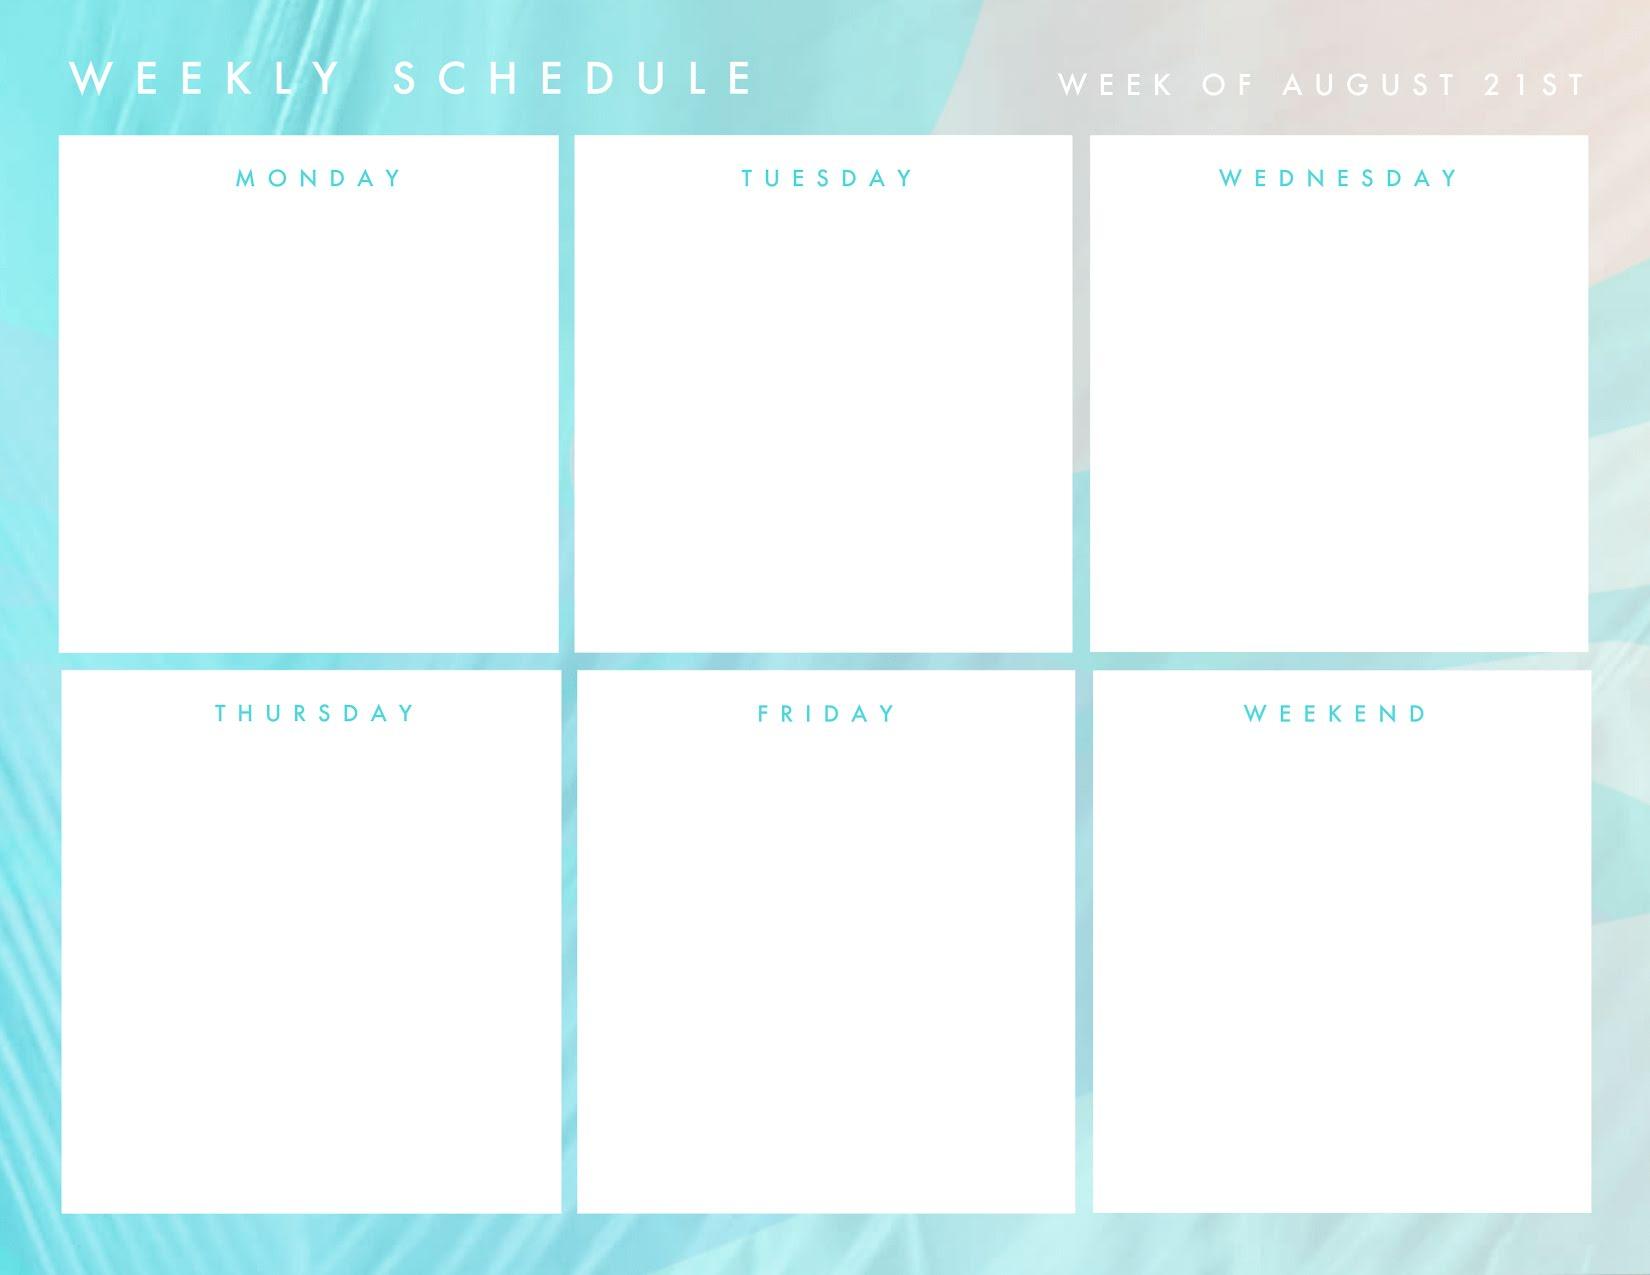 Schedule Template Weekly from lh3.googleusercontent.com